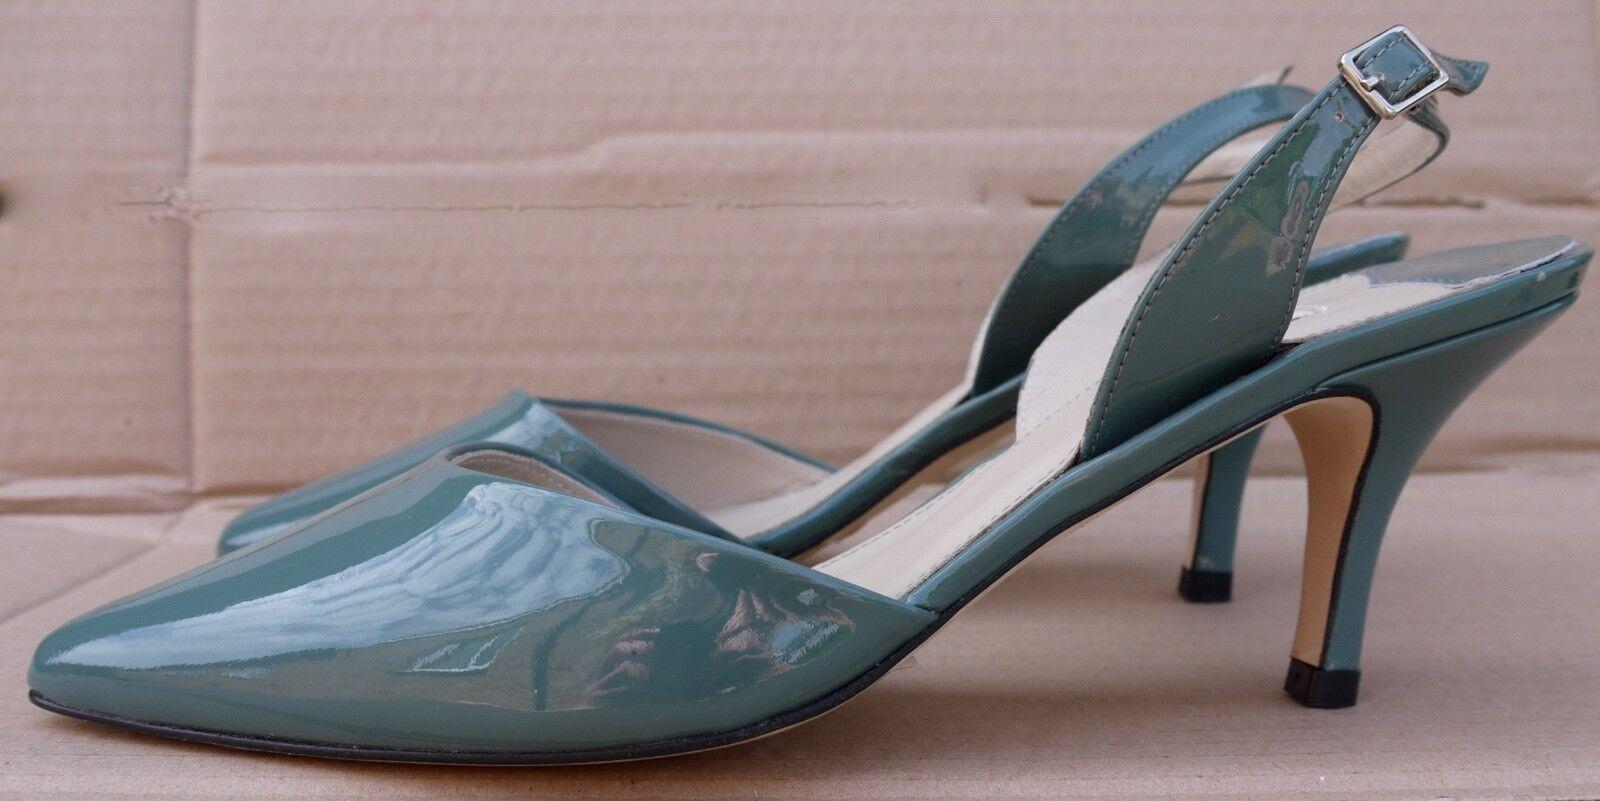 Boden patent Leder kitten heel slingback Sandale Grau green UK 5.5 BNIB